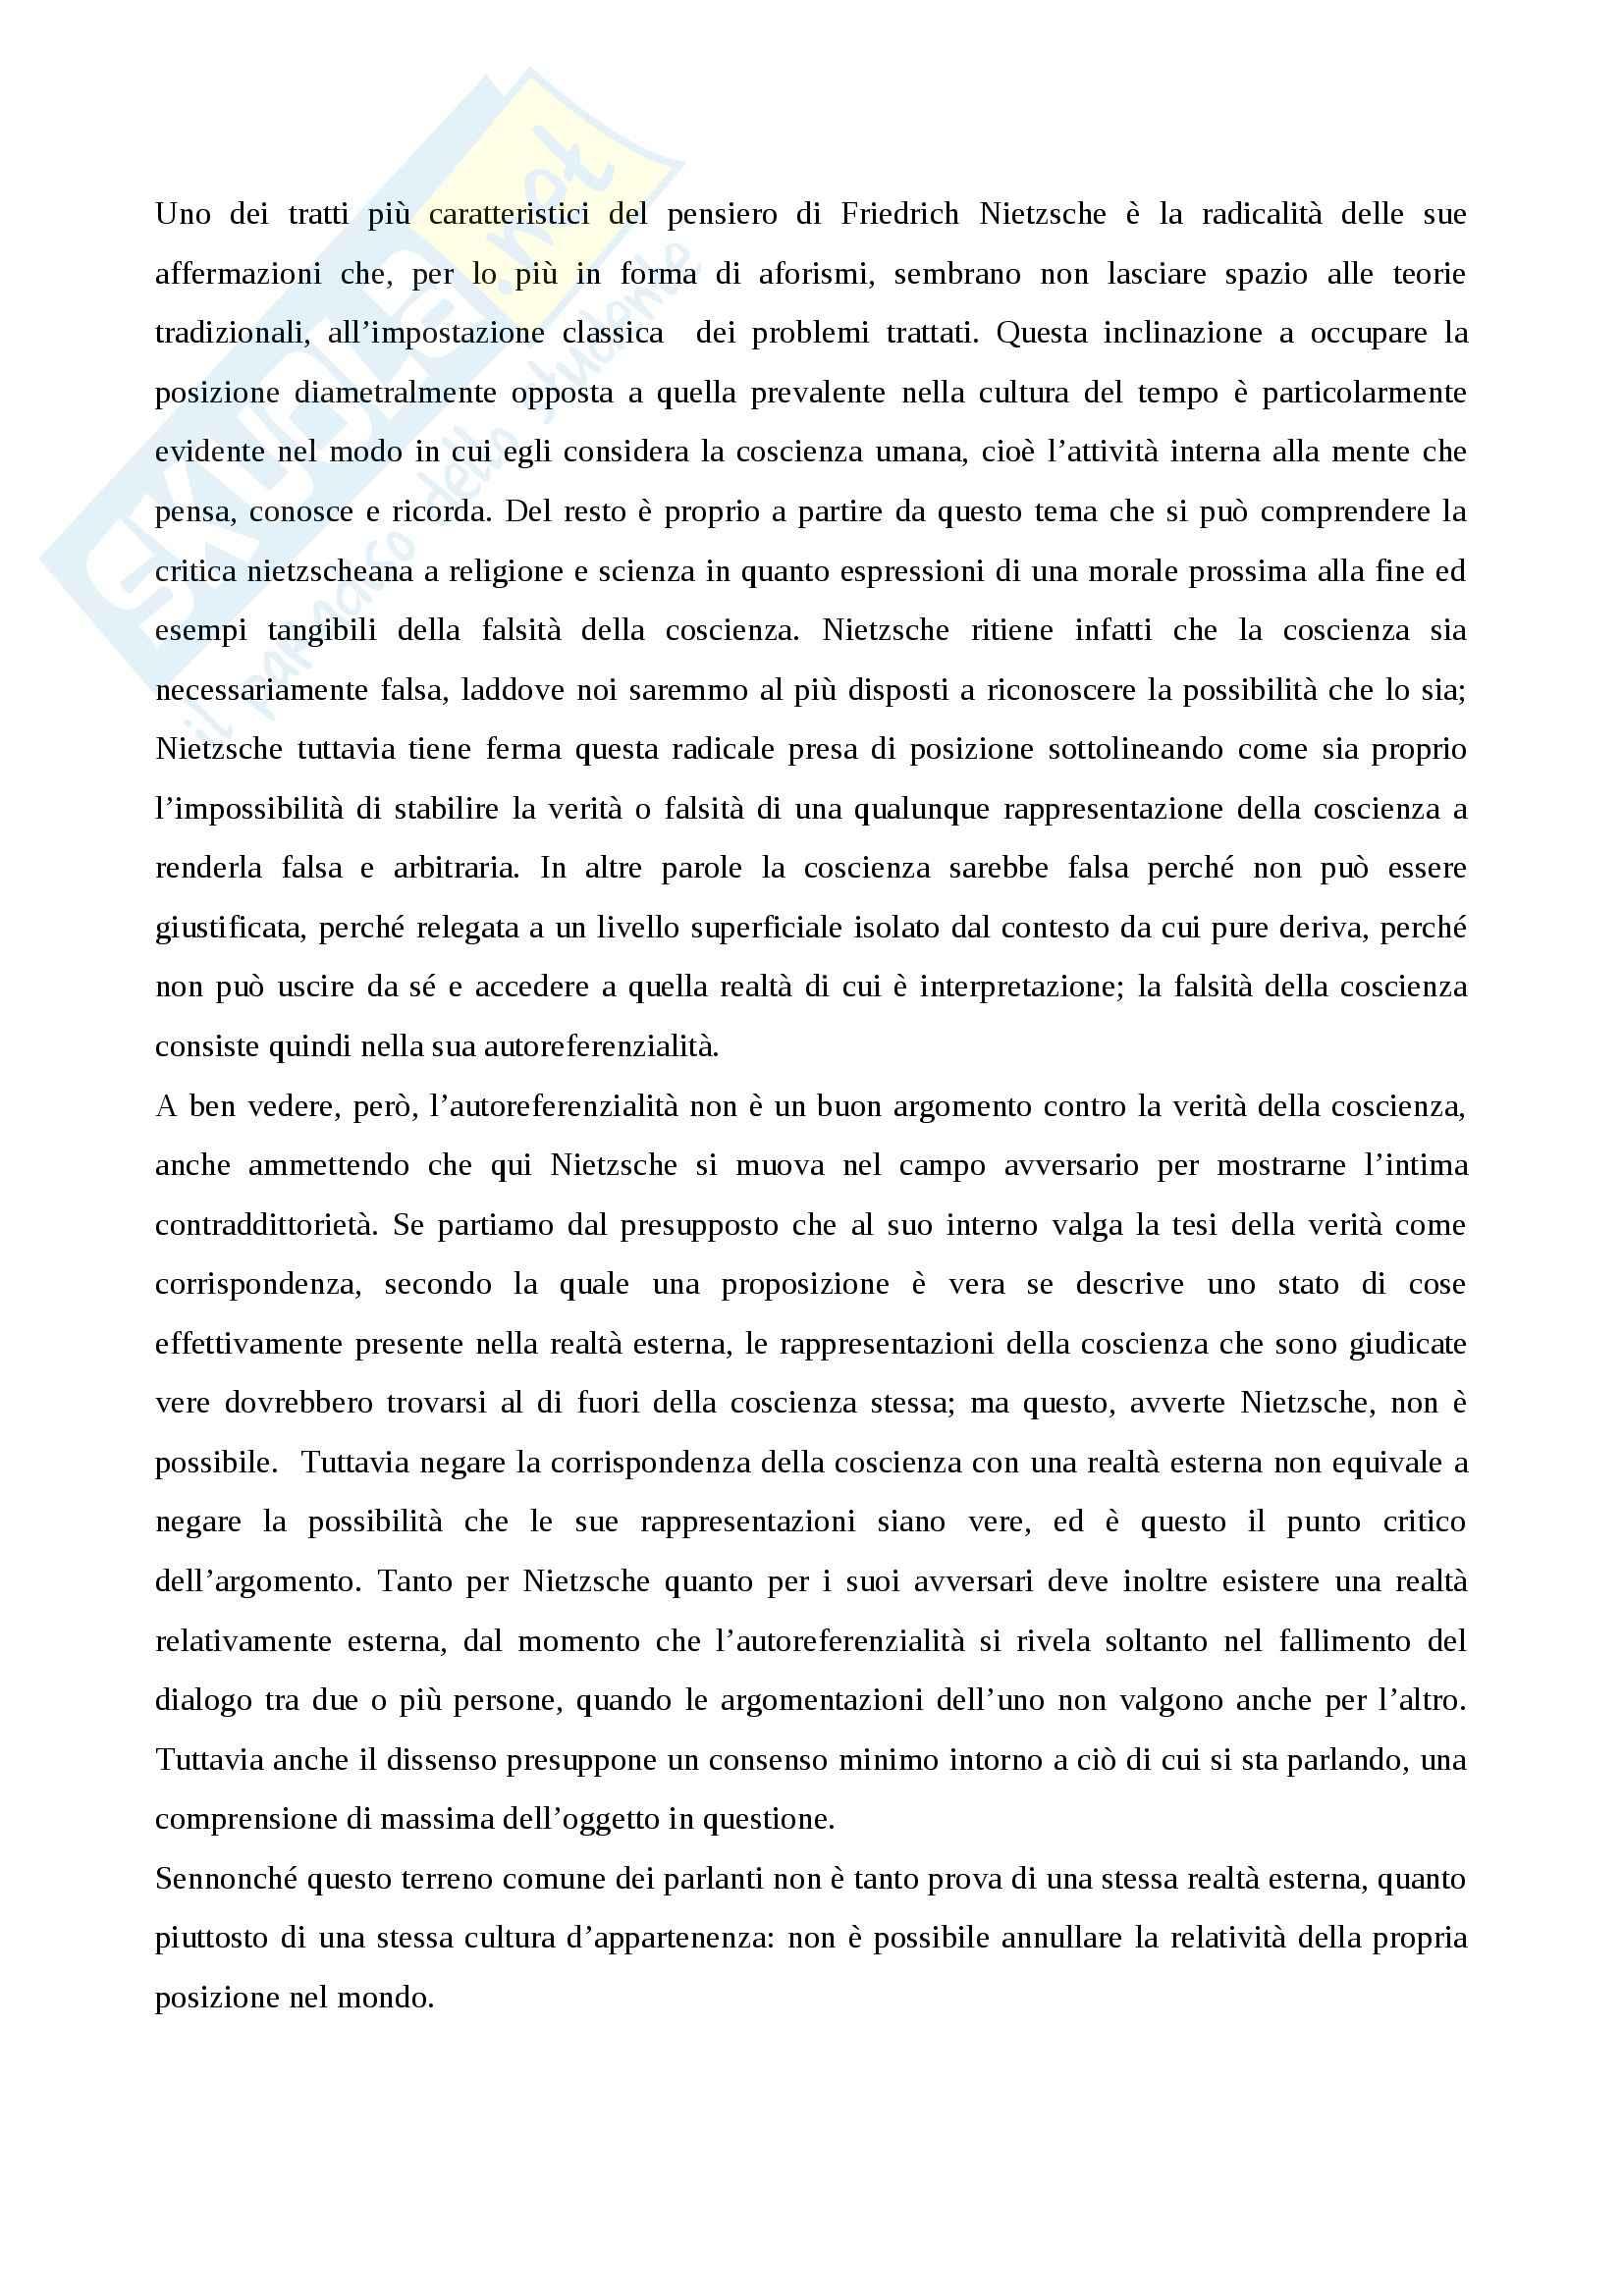 Ermeneutica filosofica - Nietzsche e il tema della coscienza